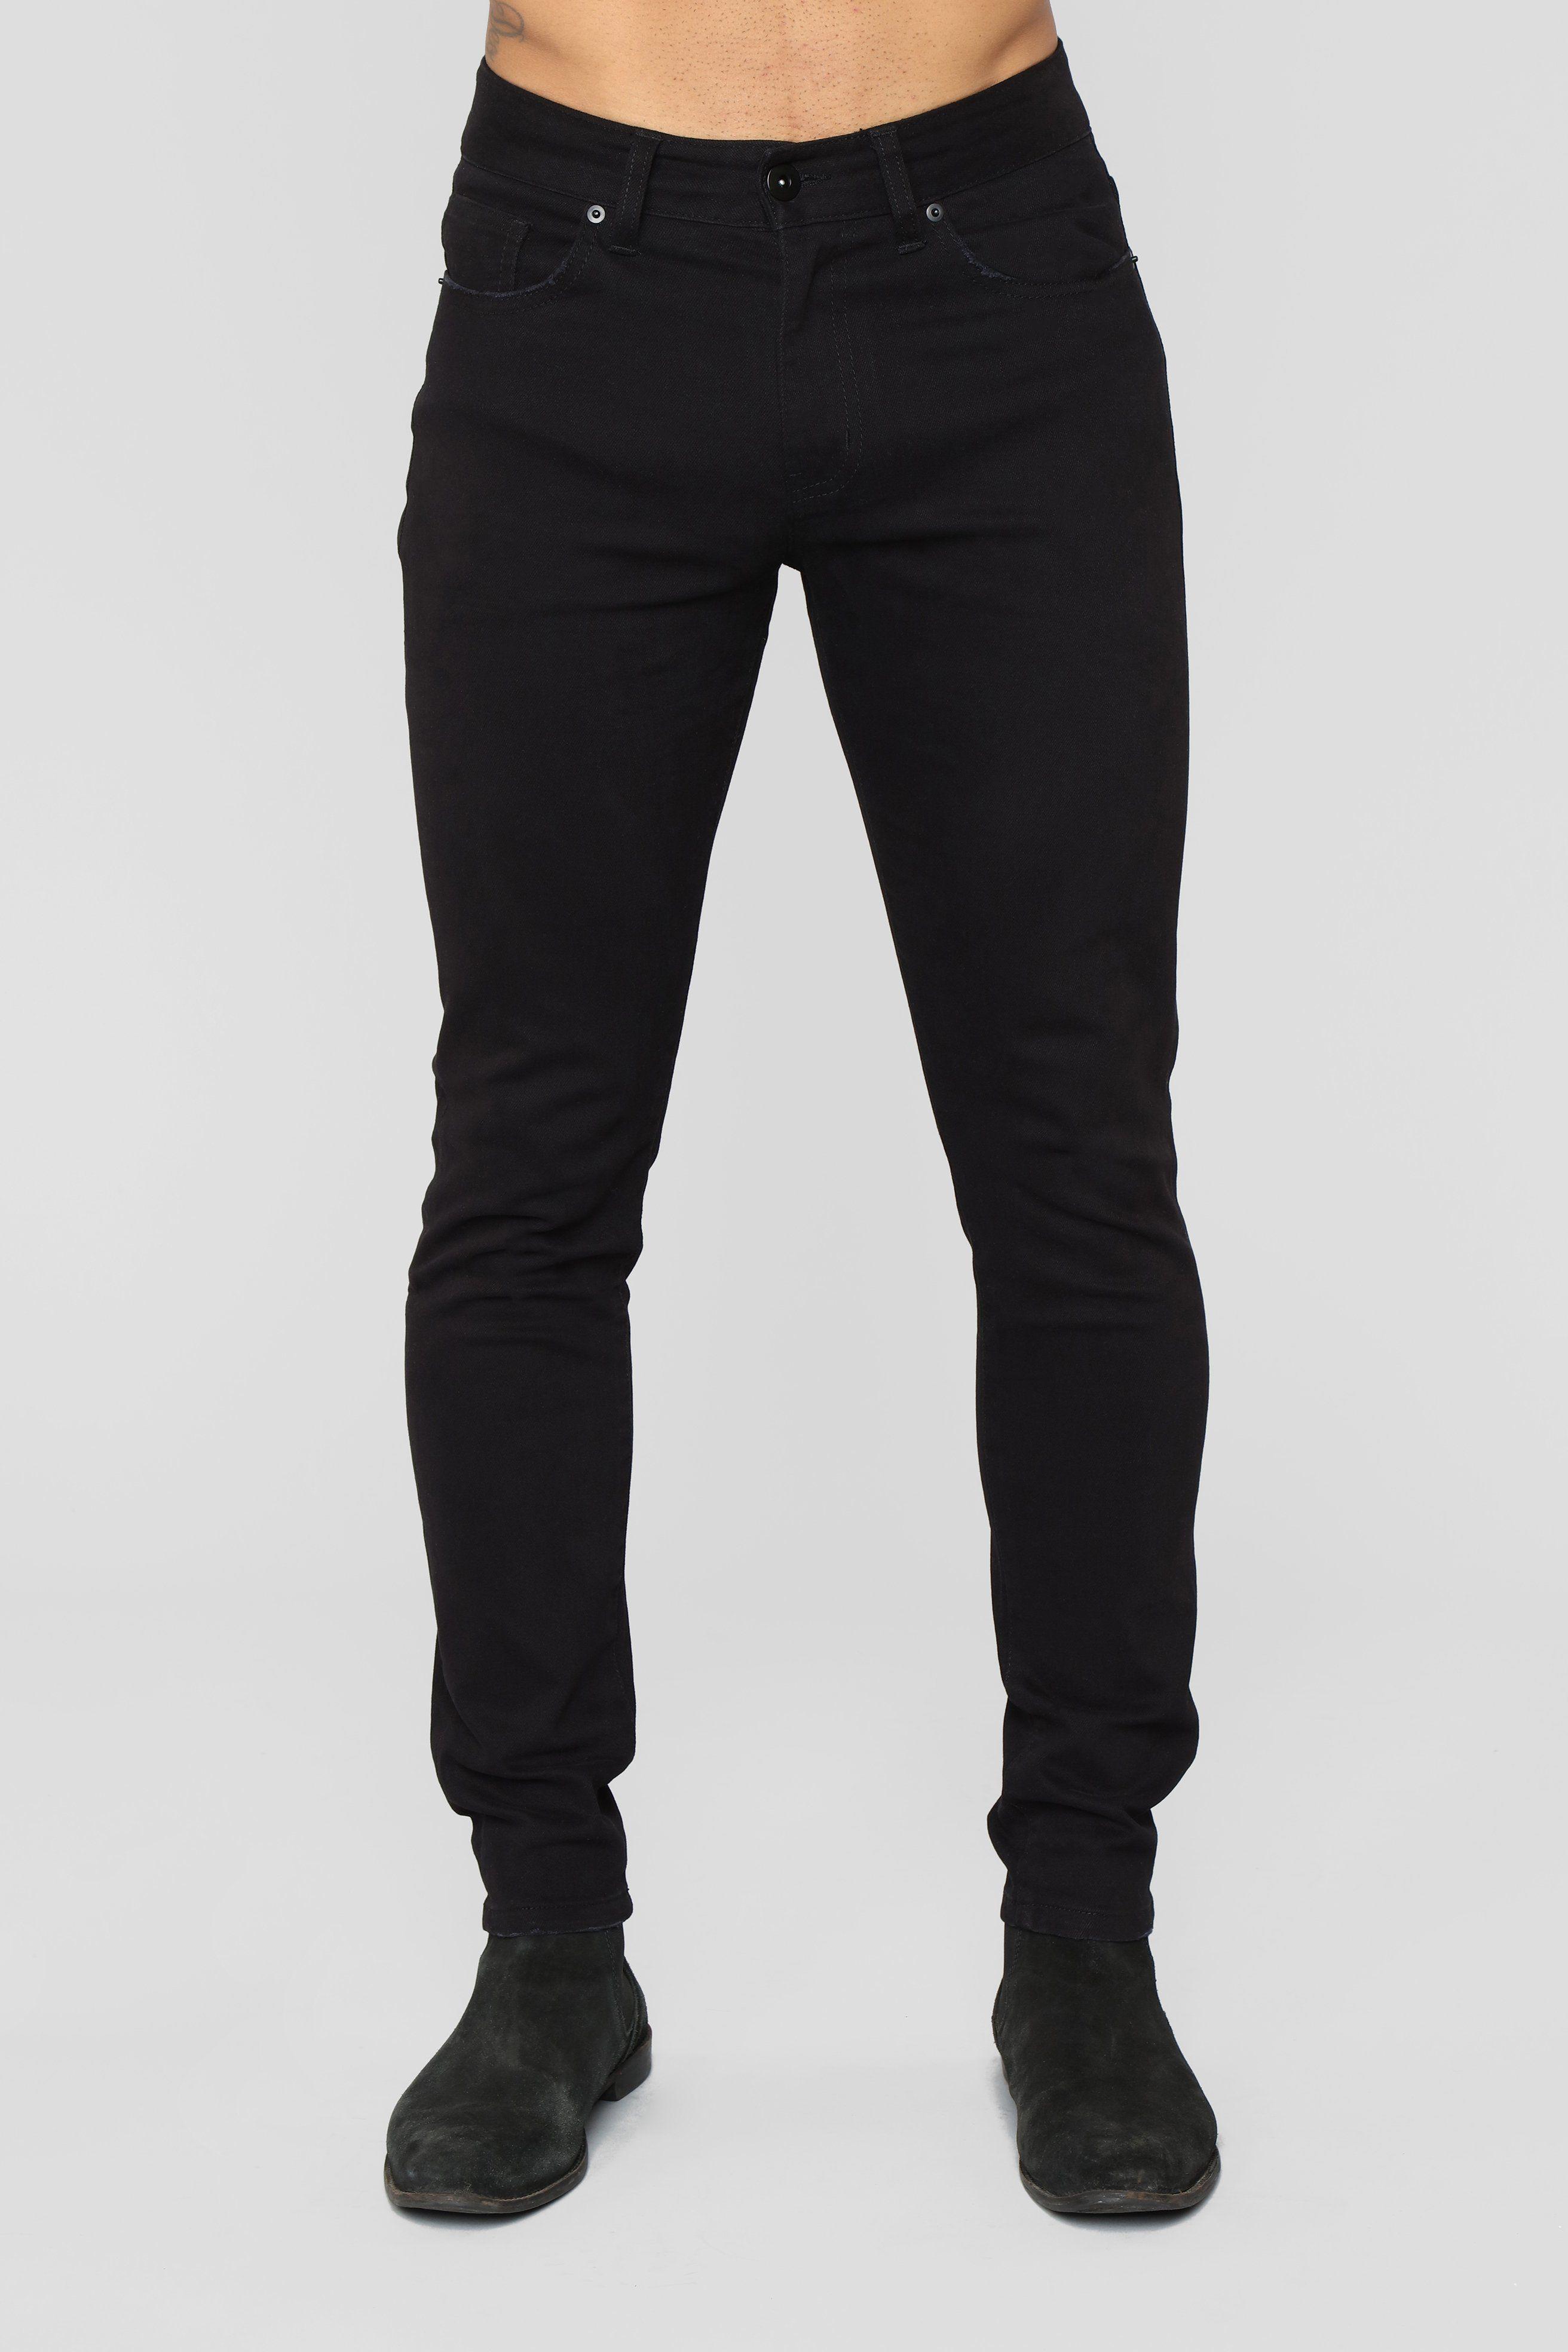 Mac Chino Pants Black In 2021 Black Pants Men Black Jeans Men Black Dress Pants Men [ 3936 x 2624 Pixel ]